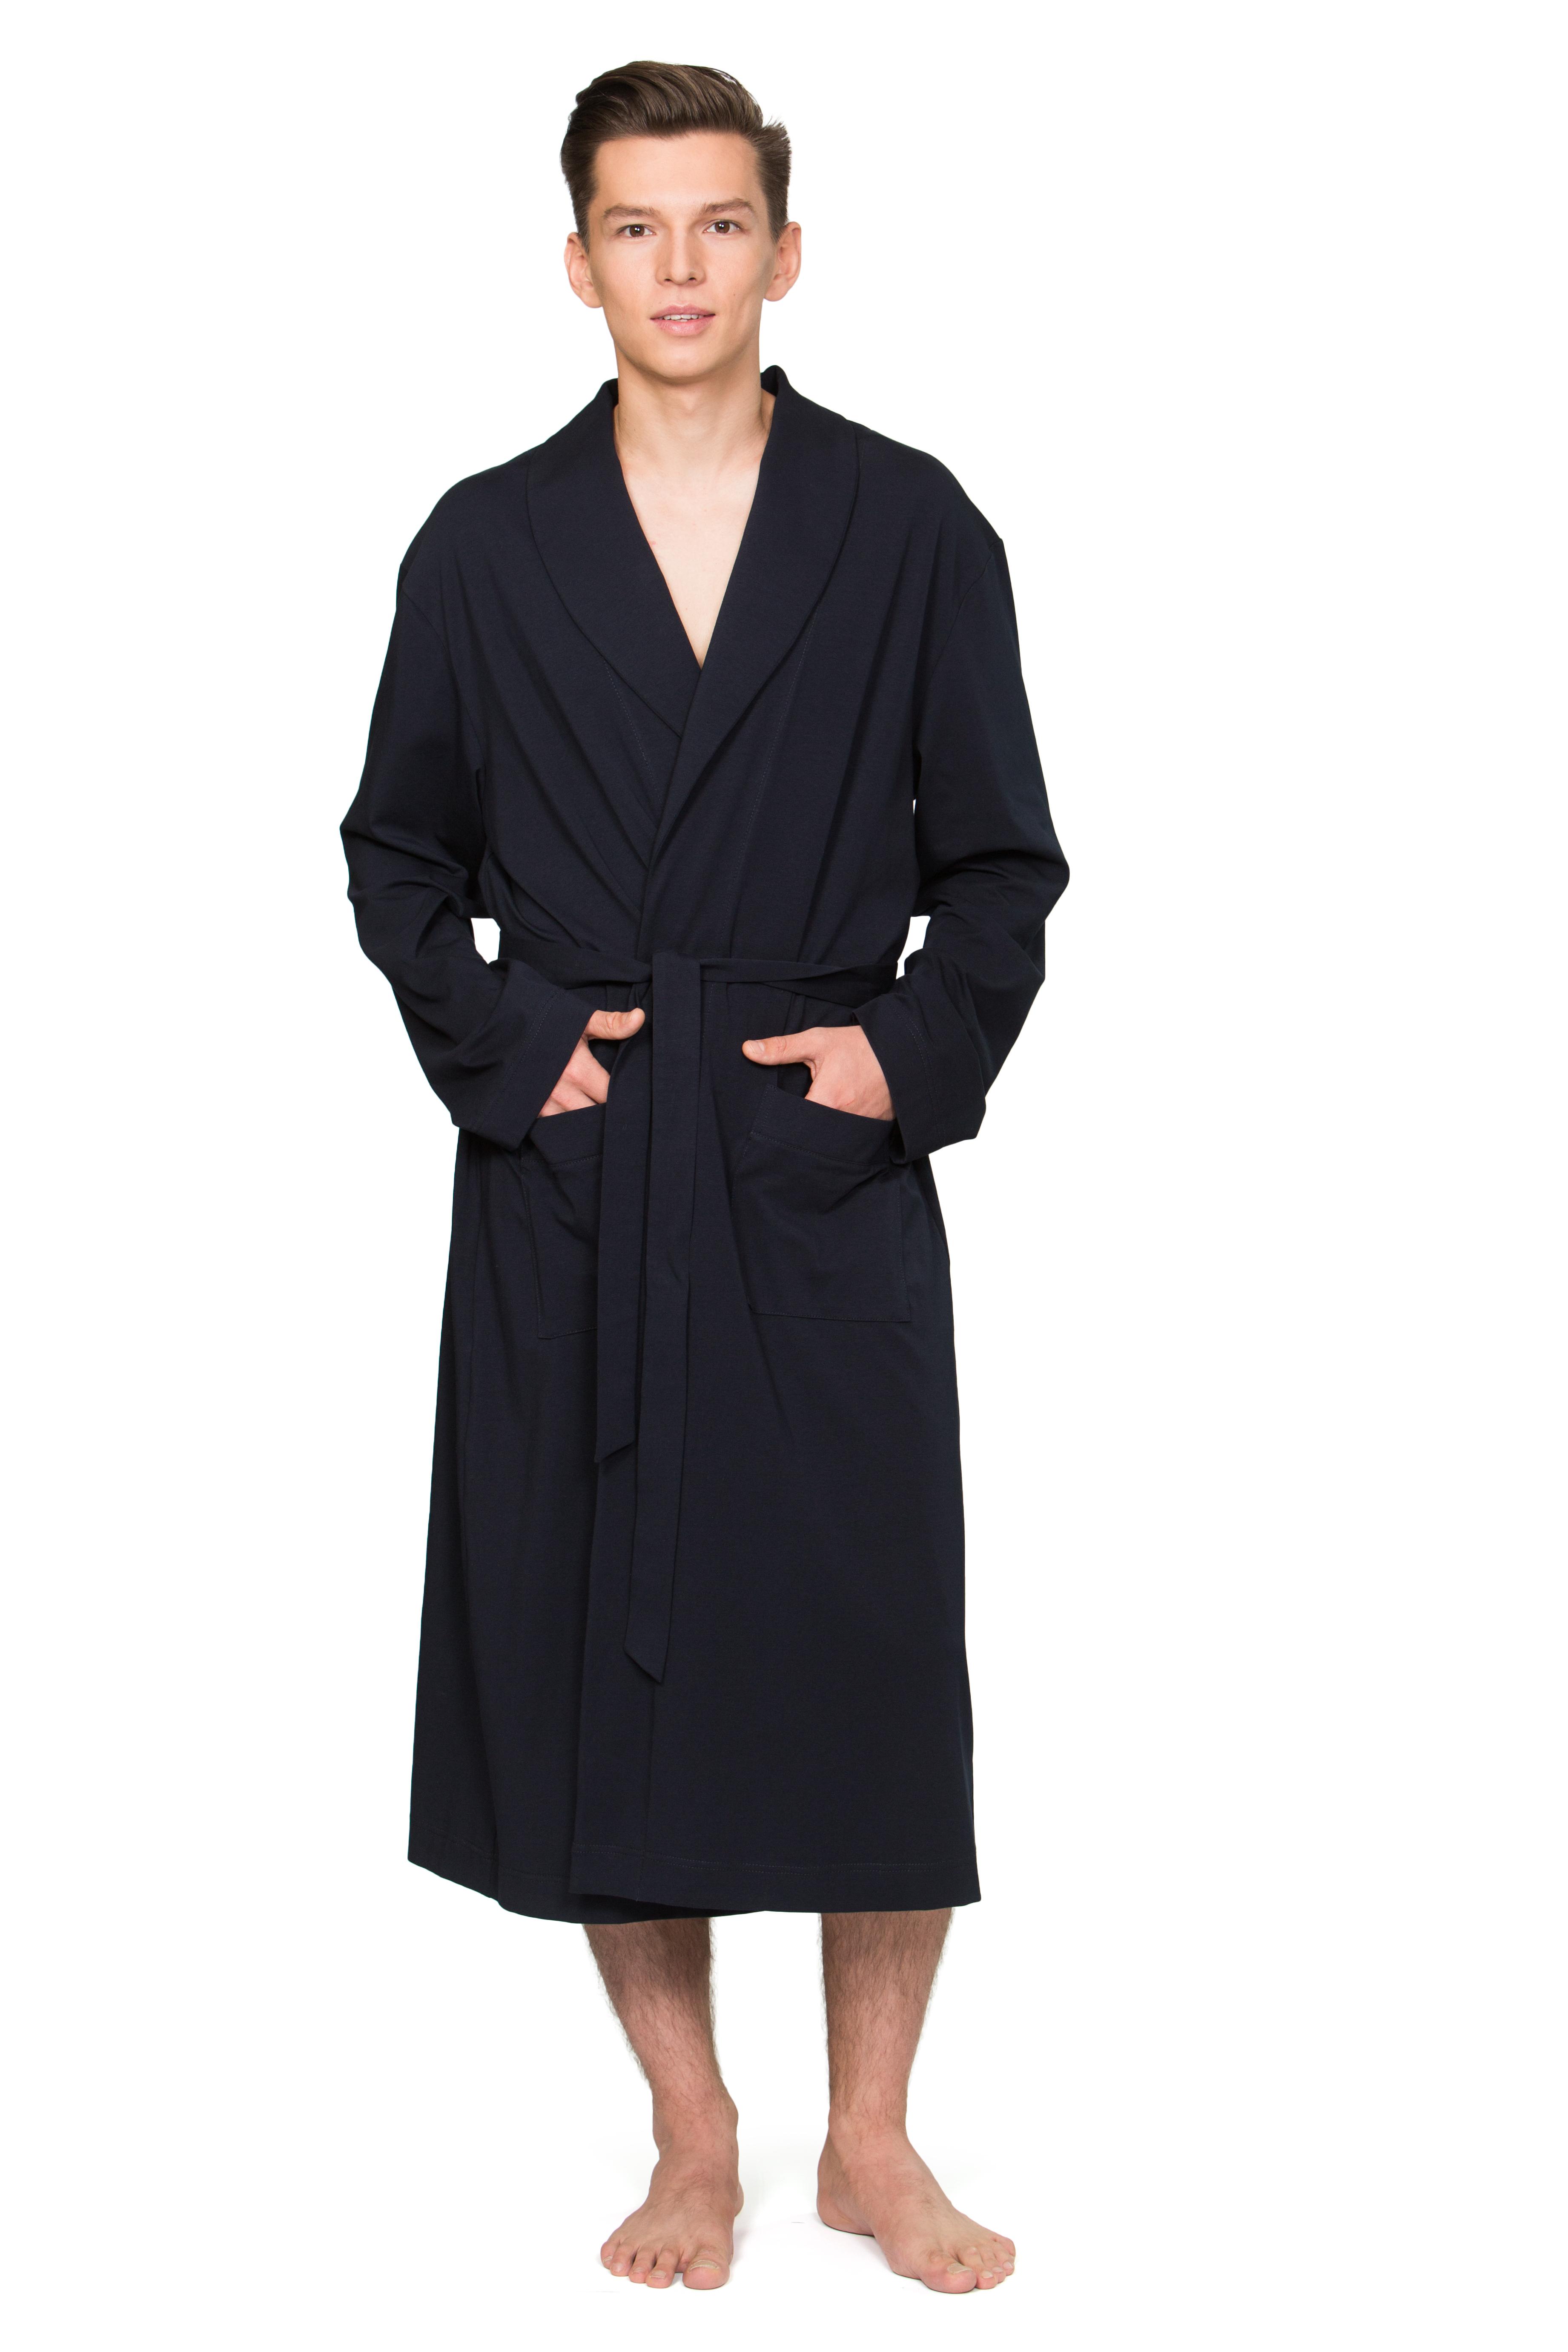 Мужская одежда недорогая в интернет-магазине Yanahome.ru 7c5b04c4e13